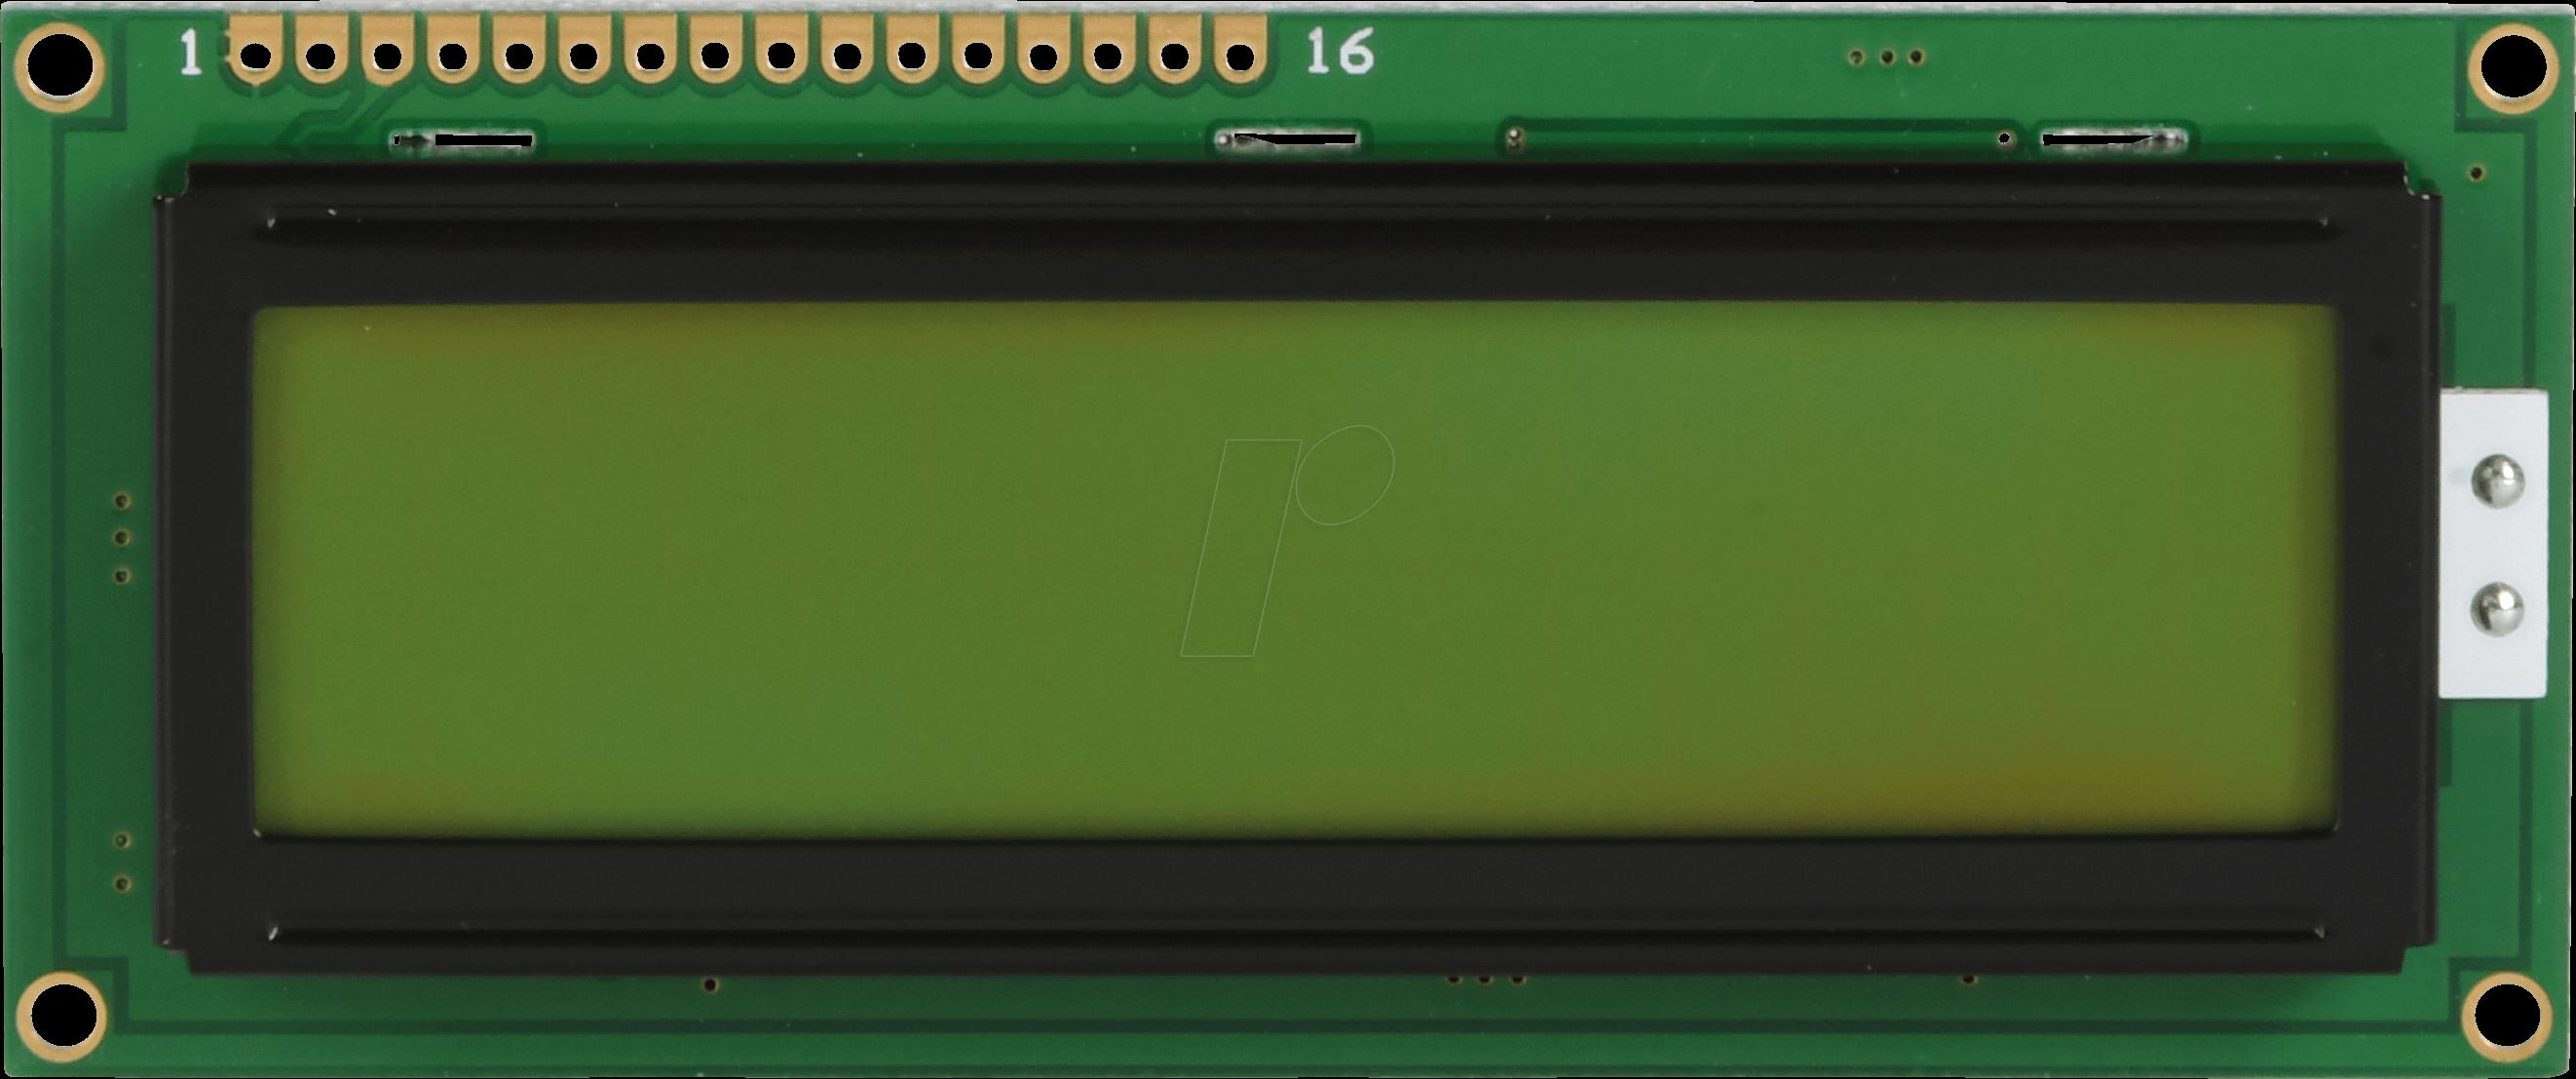 https://cdn-reichelt.de/bilder/web/xxl_ws/A500/LCD-PM_2X16-8_A_02.png